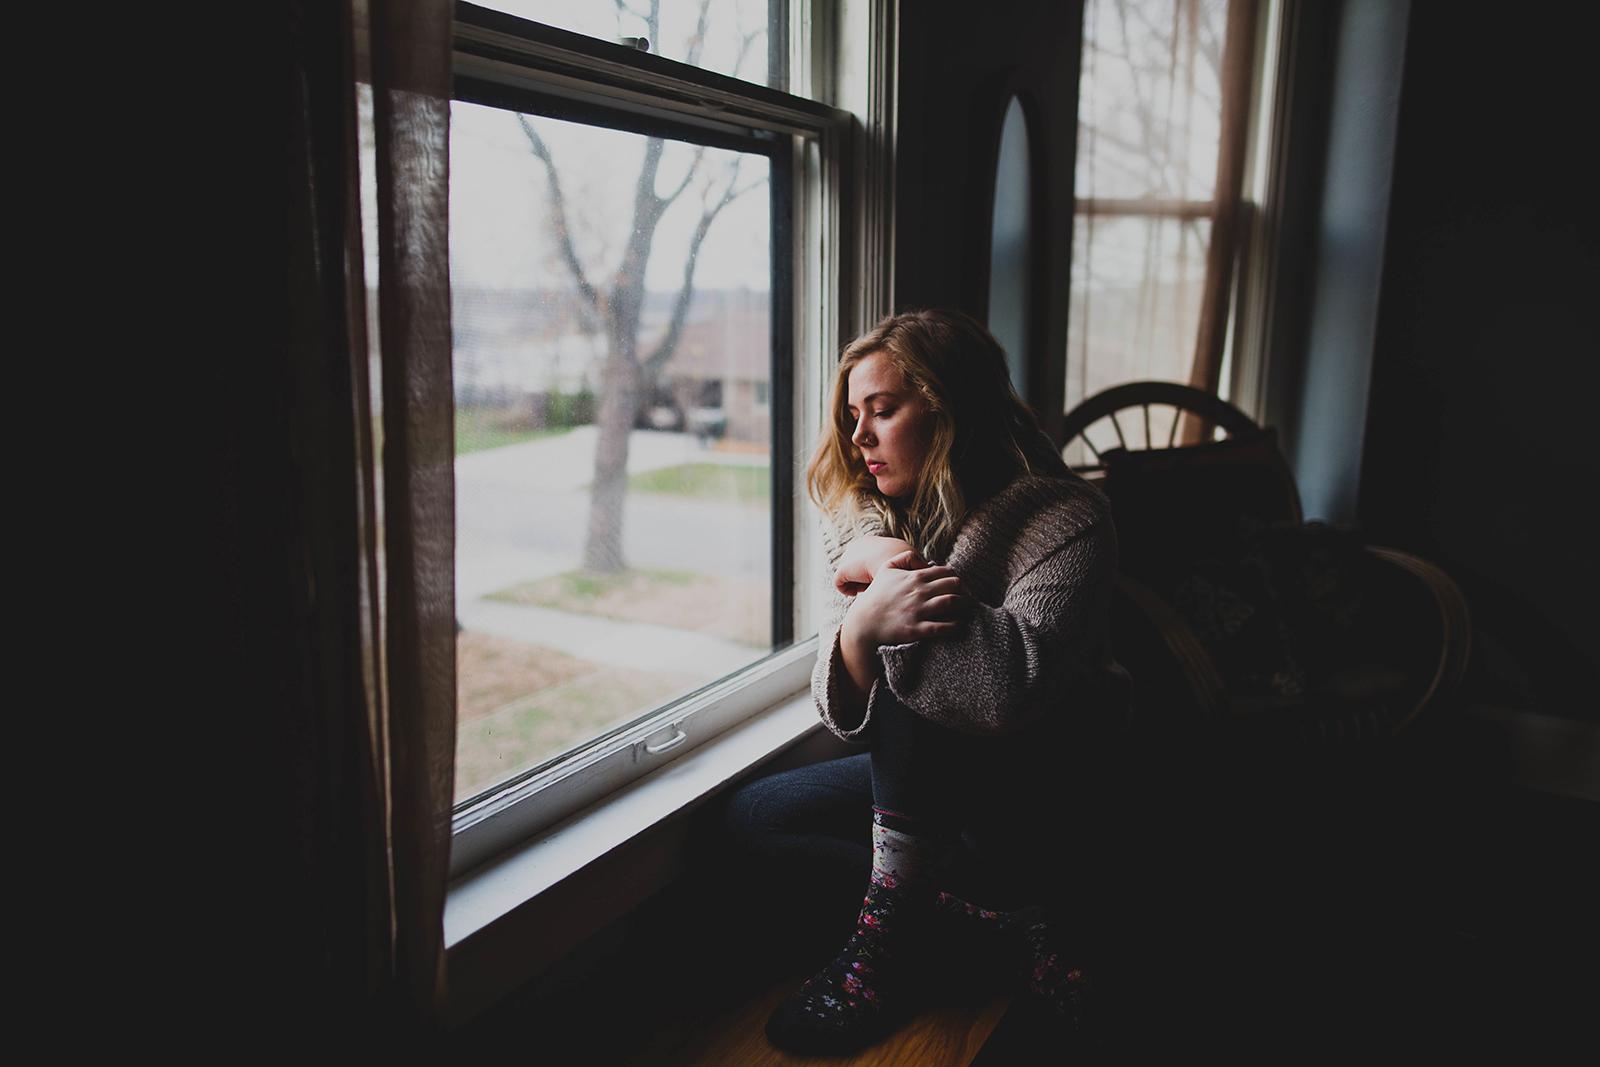 garota pensativa sentada janela